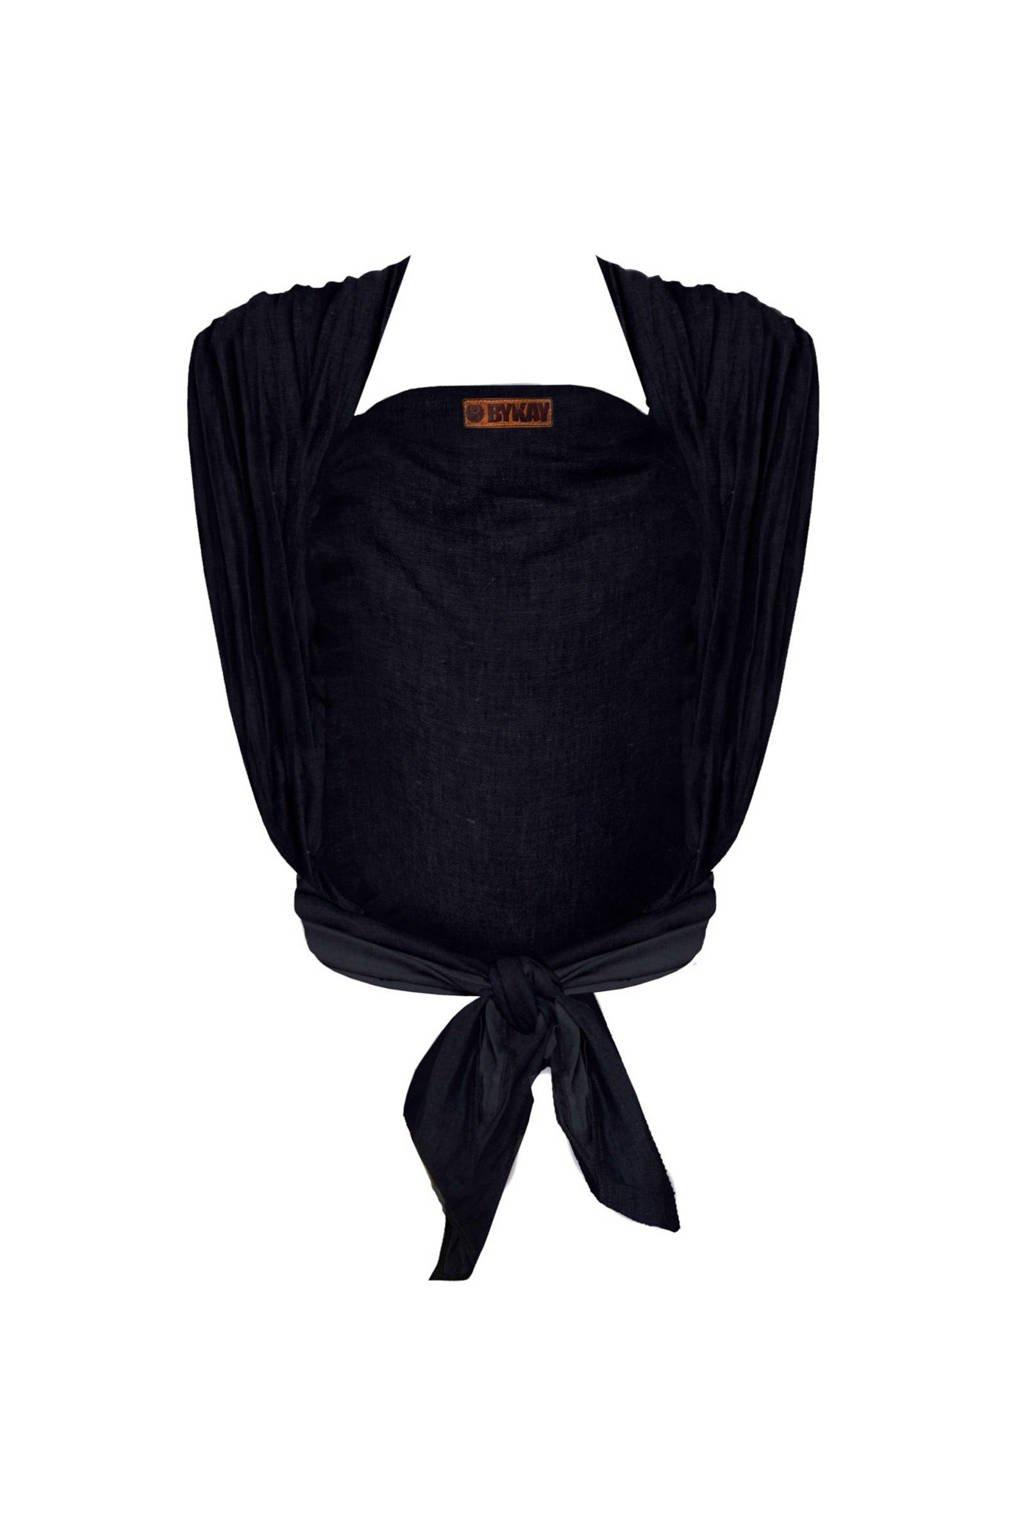 ByKay draagdoek Woven Wrap Deluxe 60046 zwart denim, Black denim